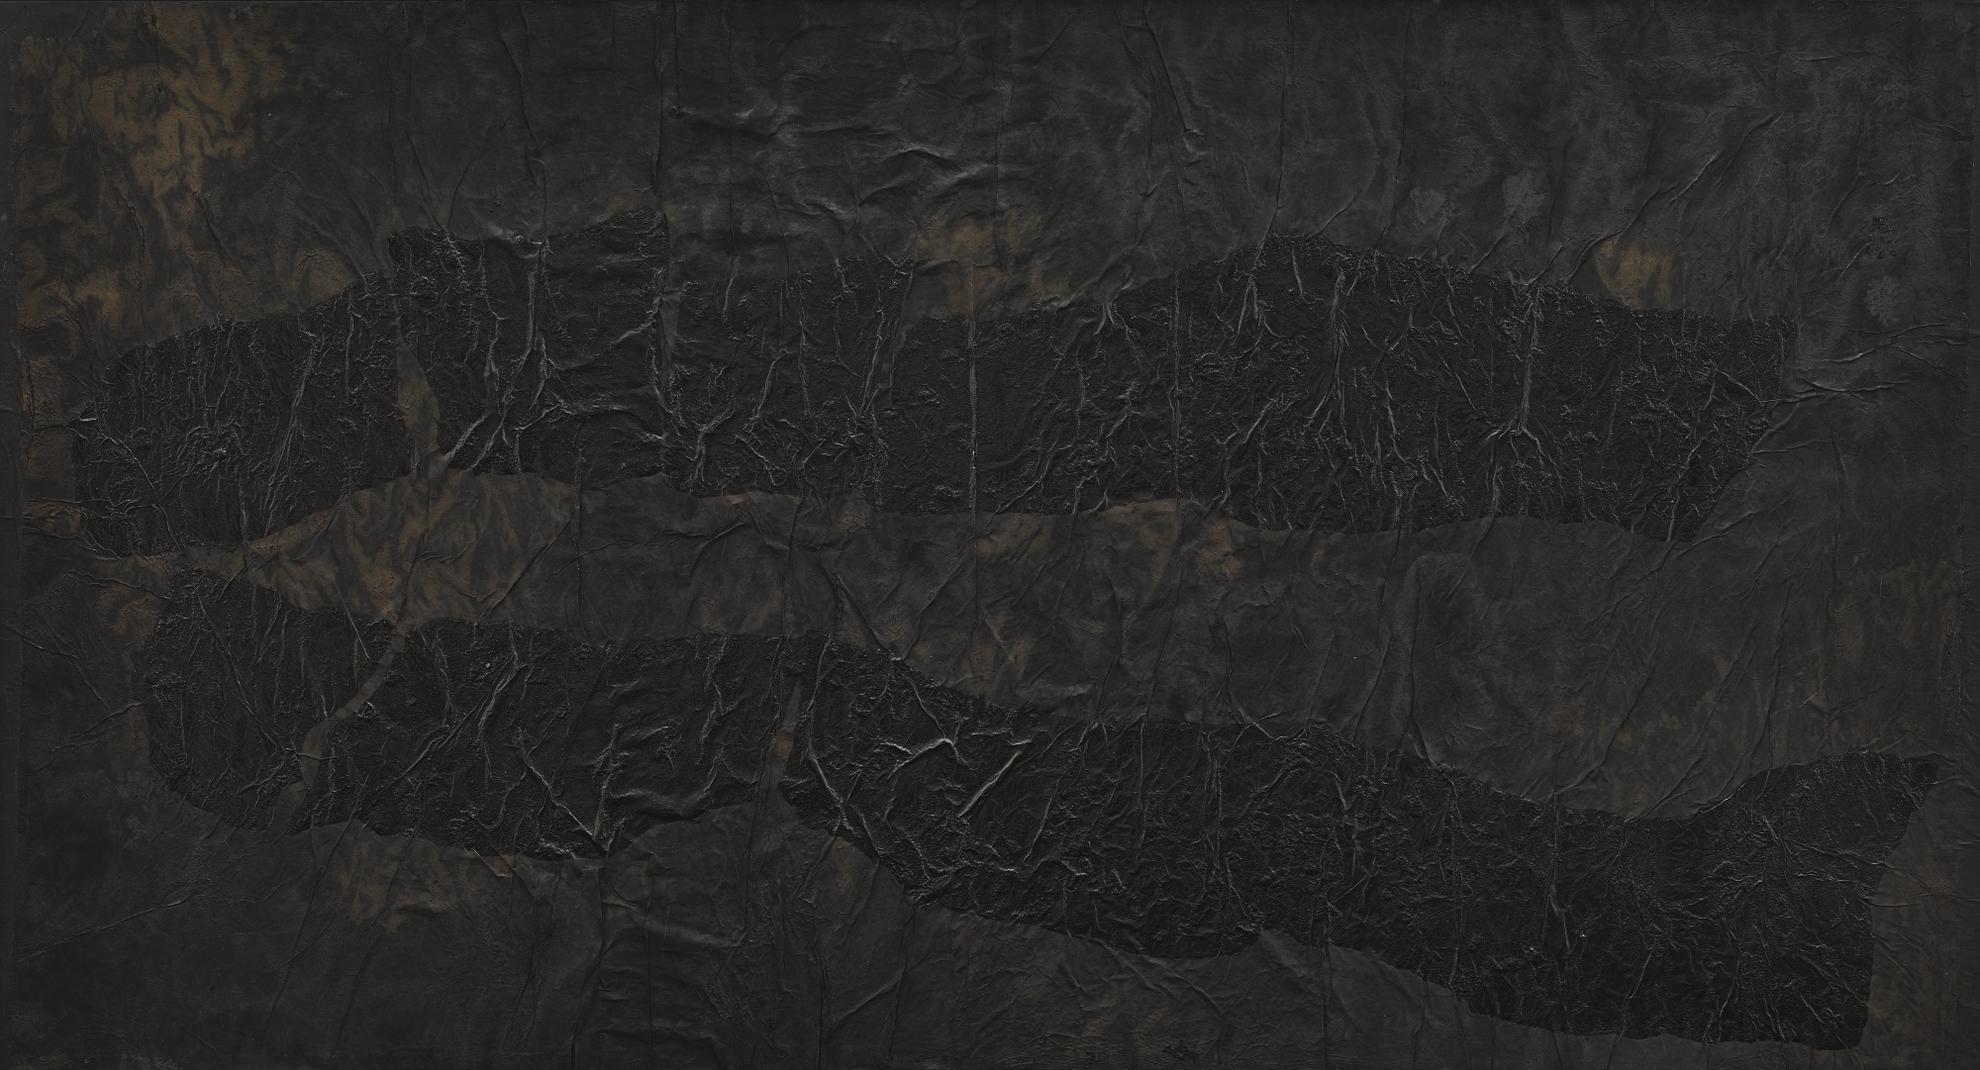 Yang Jiechang-Thousand Layers Of Ink-1994